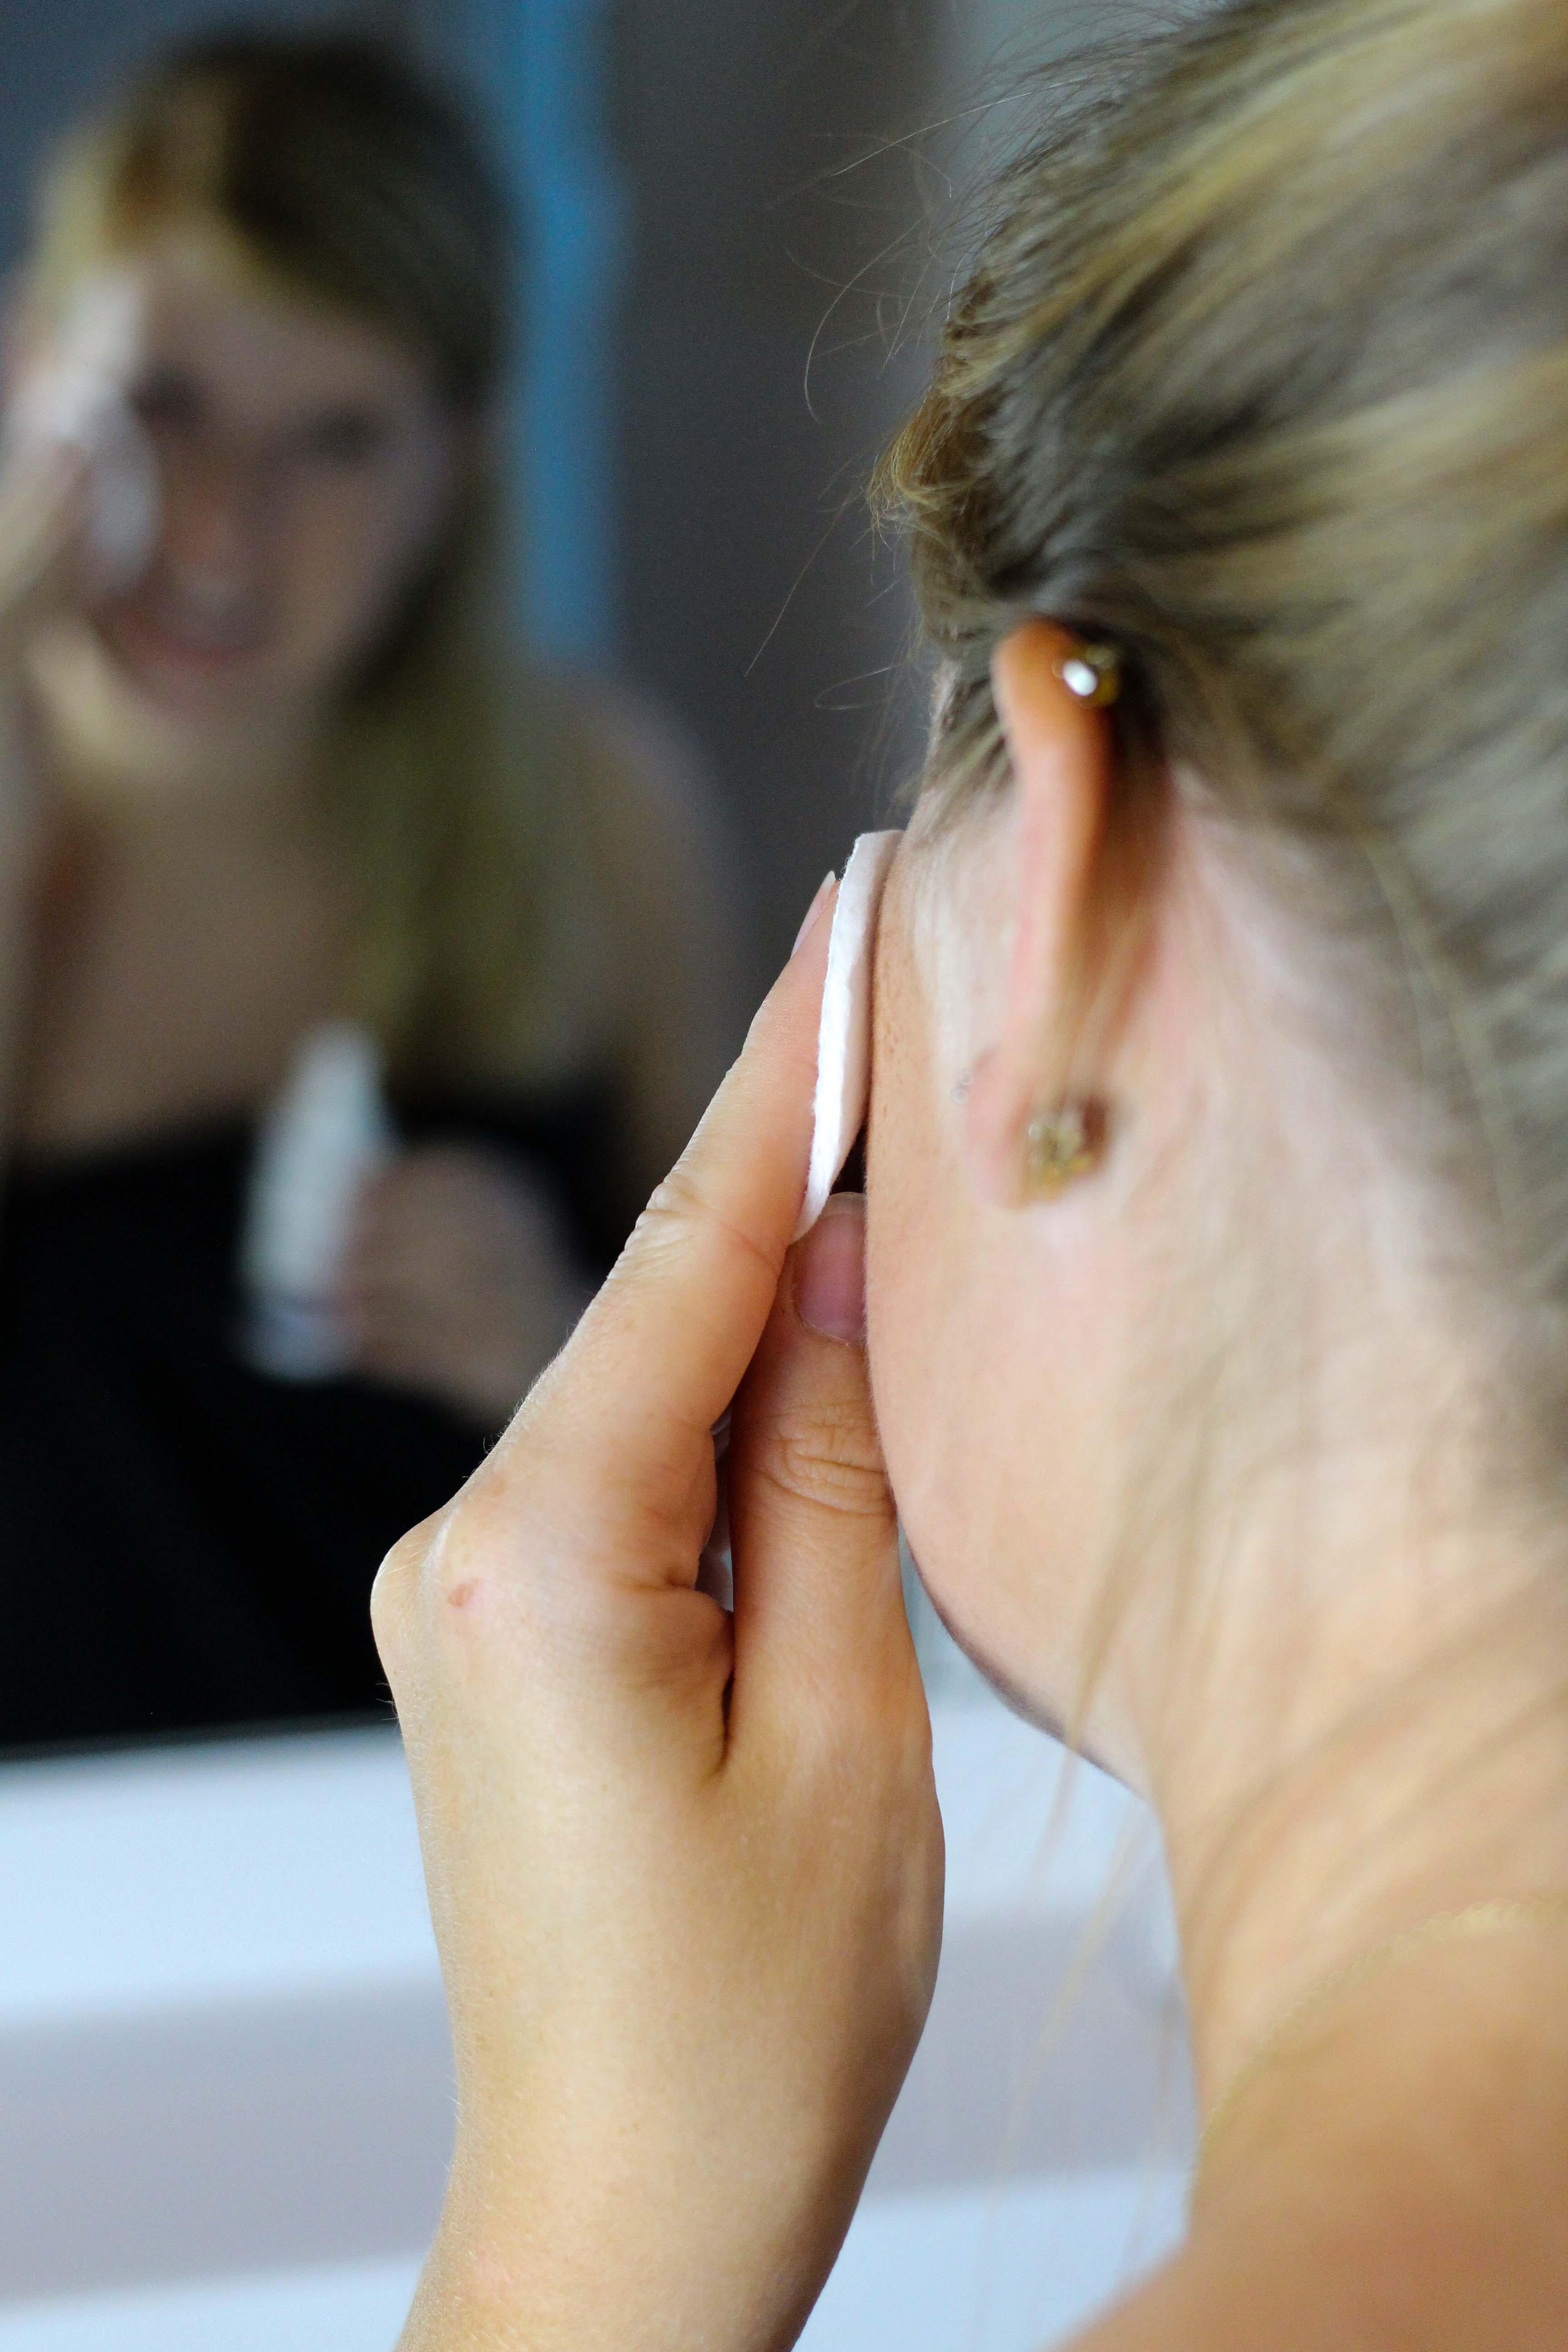 Blogger Adventskalender Gewinnspiel Dermasence Hautpflege Winter Urlaubs-Reiseset Tonic Gesichtsreinigung Reisegröße Beauty Blogger Tipps Anwendung 2